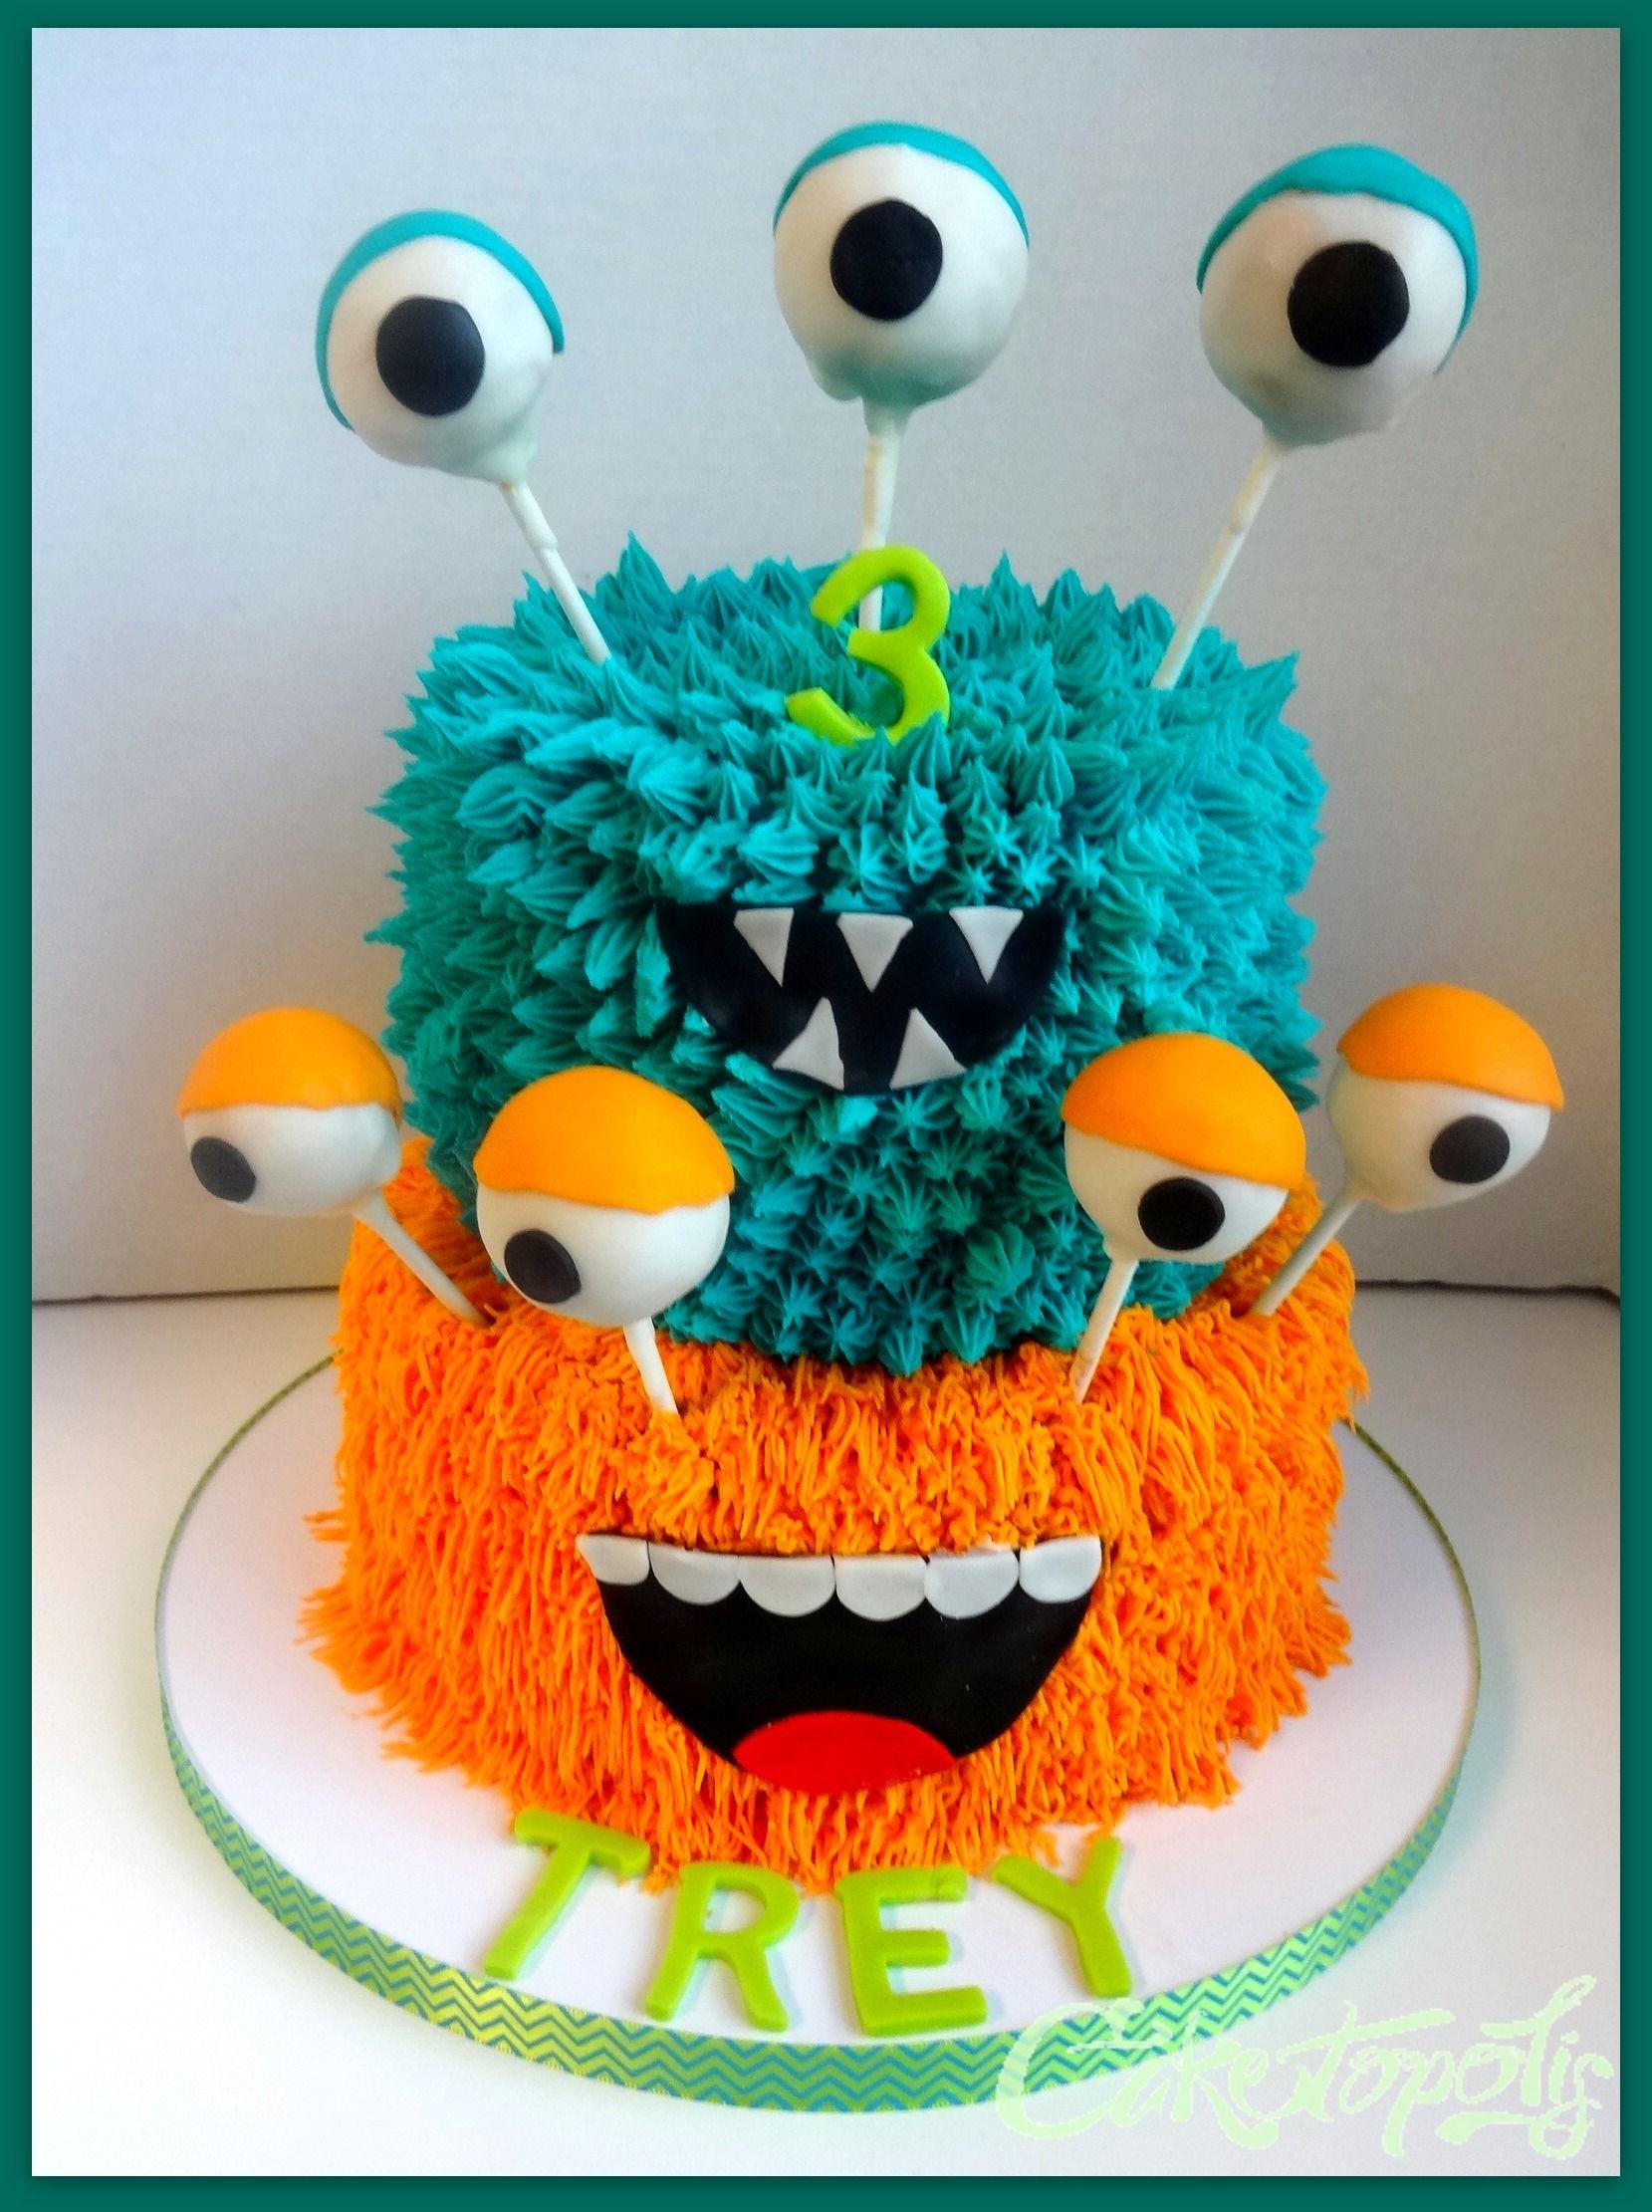 Clipart cake monster. Birthday halloween bake